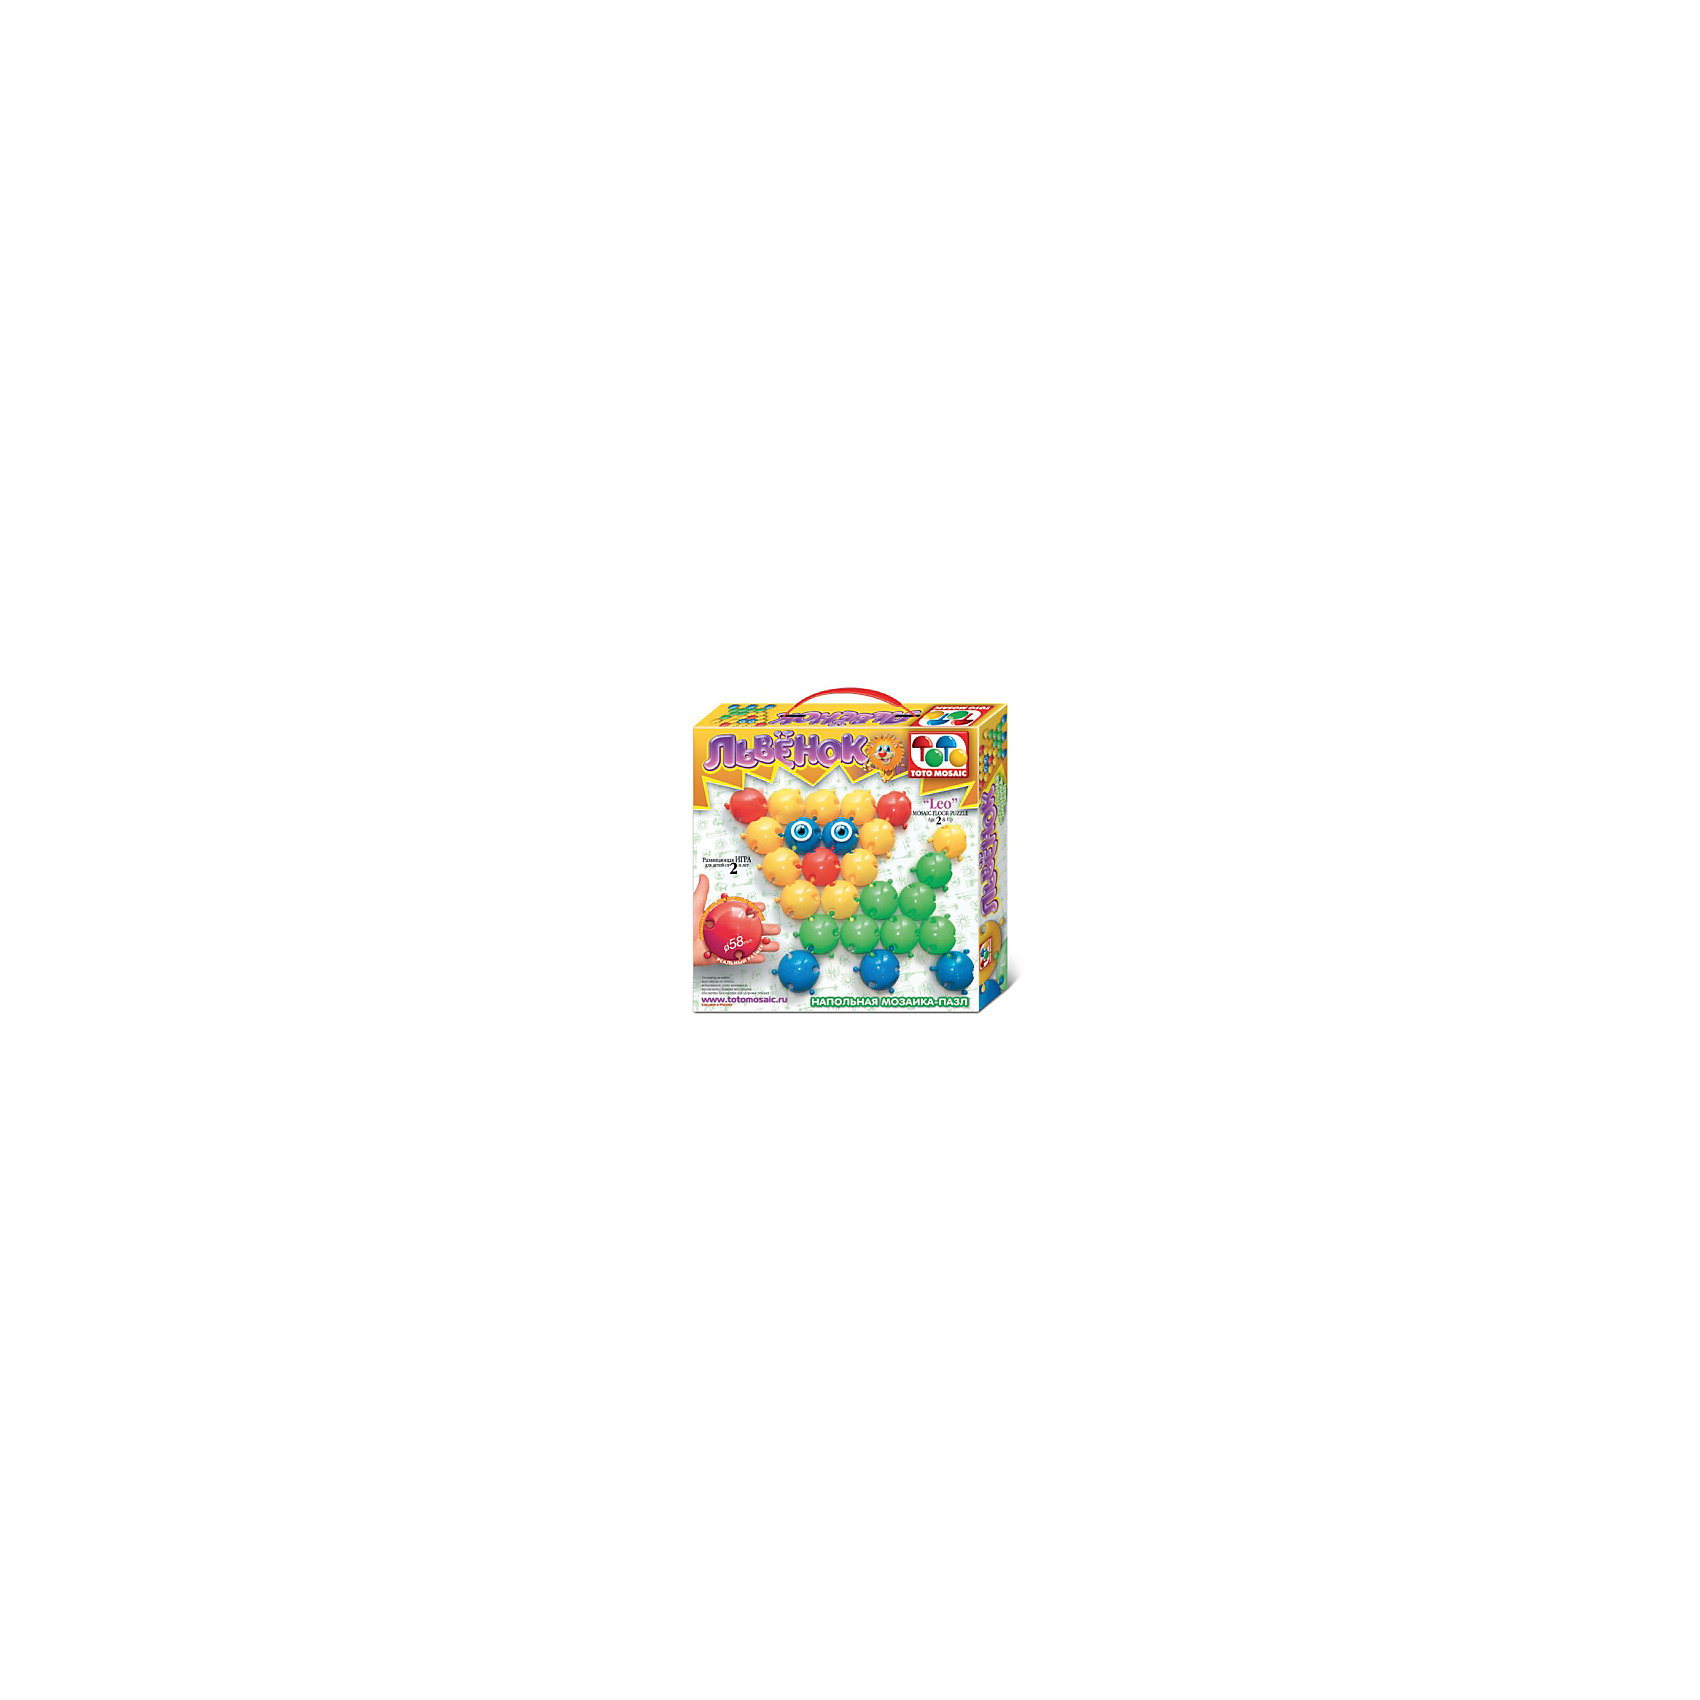 Toys Union Напольная мозаика Львенок, 25 деталей, д. 58 мм, Toys Union мозаика toys union зайчик